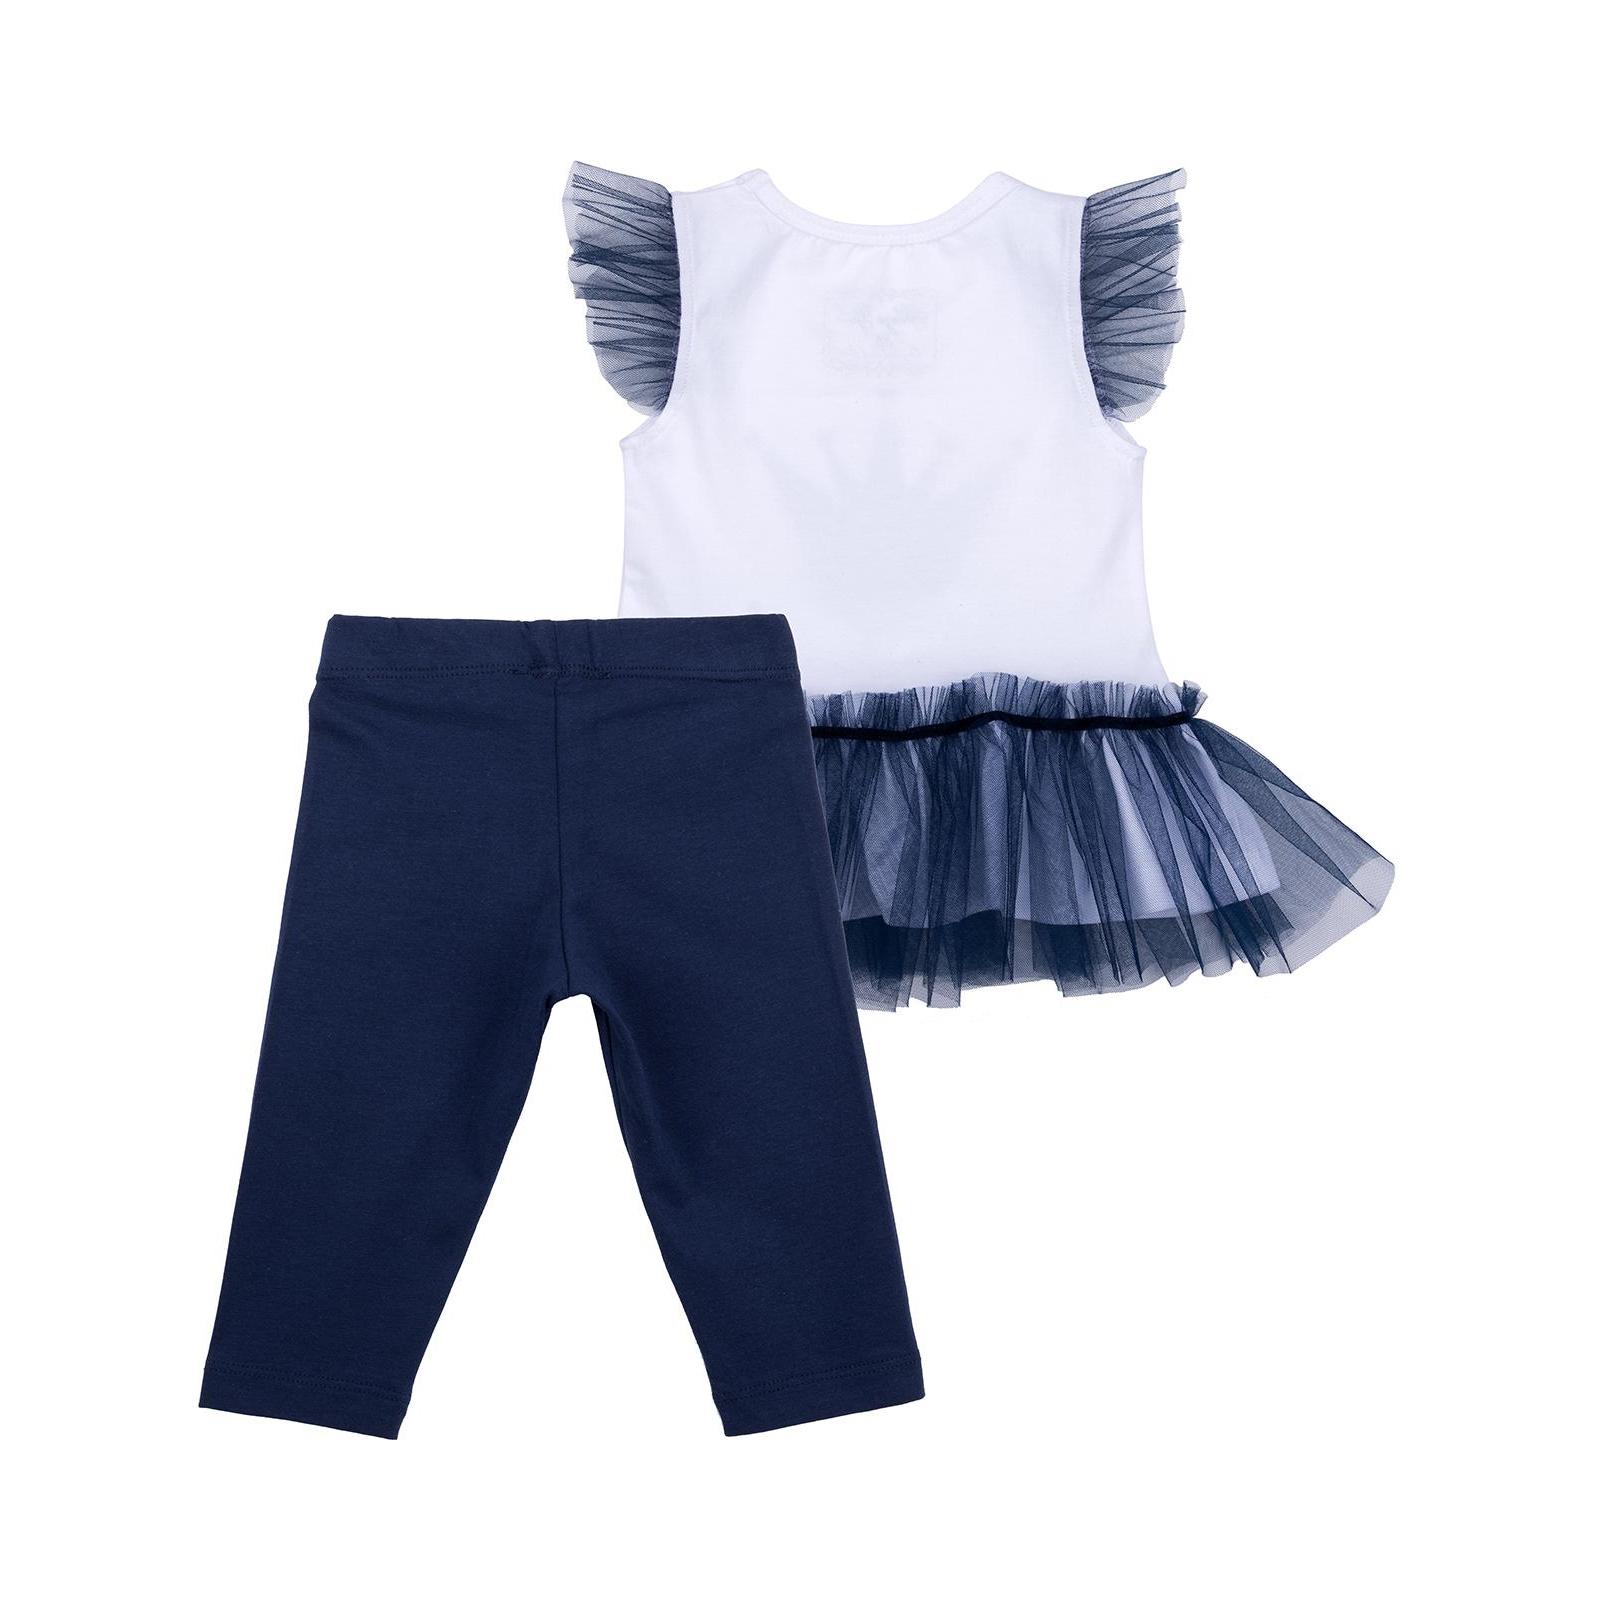 Набор детской одежды Breeze с коронкой (10869-98G-blue) изображение 4